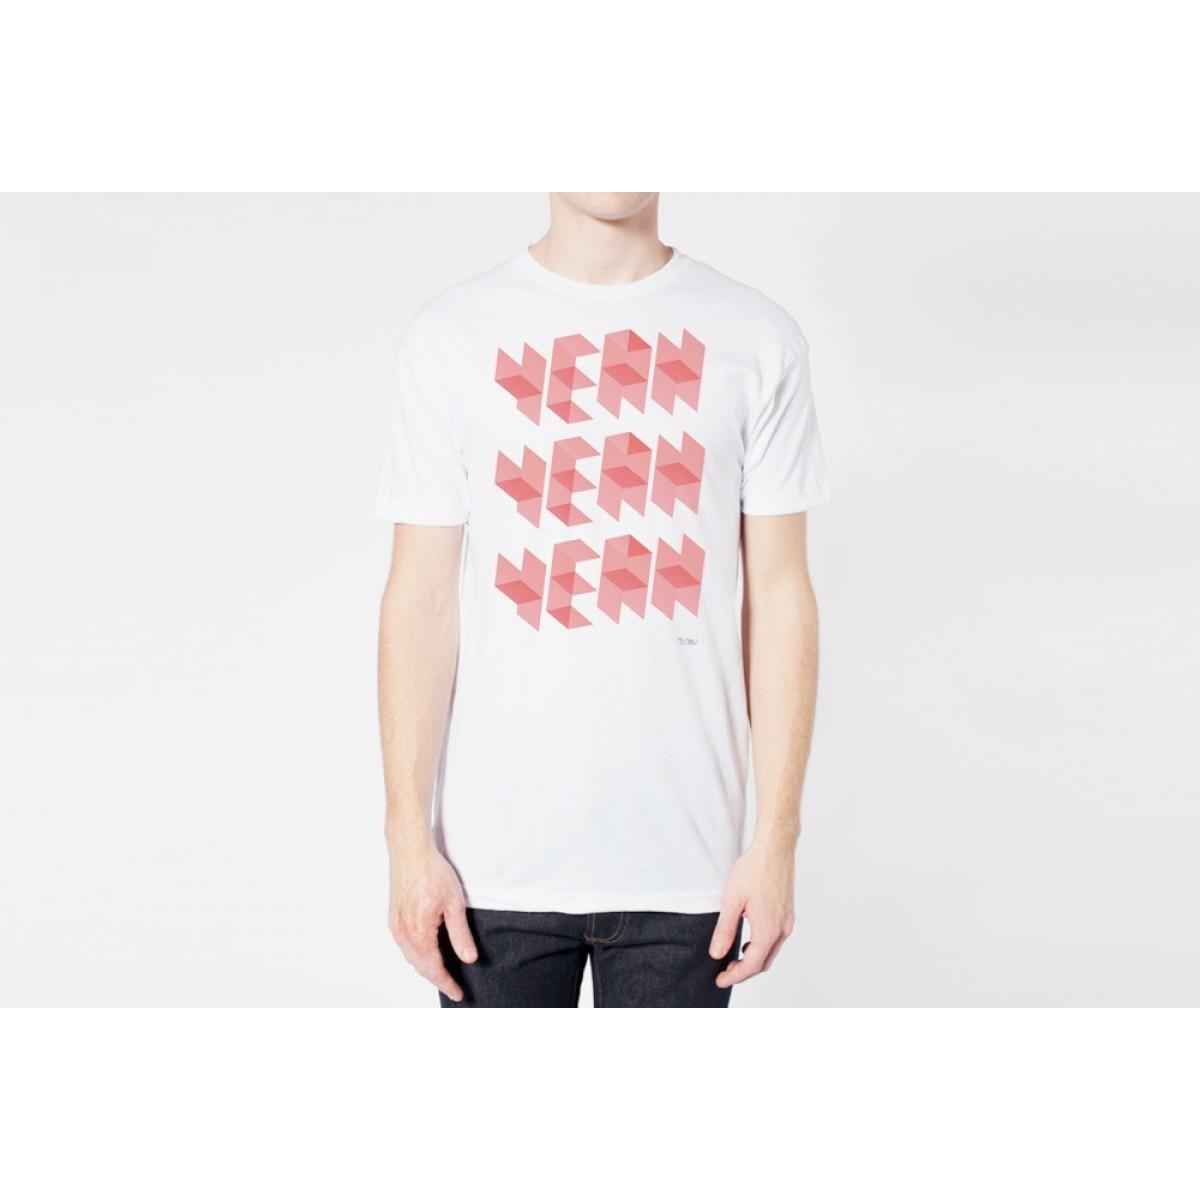 RIVRAV Yeah Yeah Yeah T-Shirt